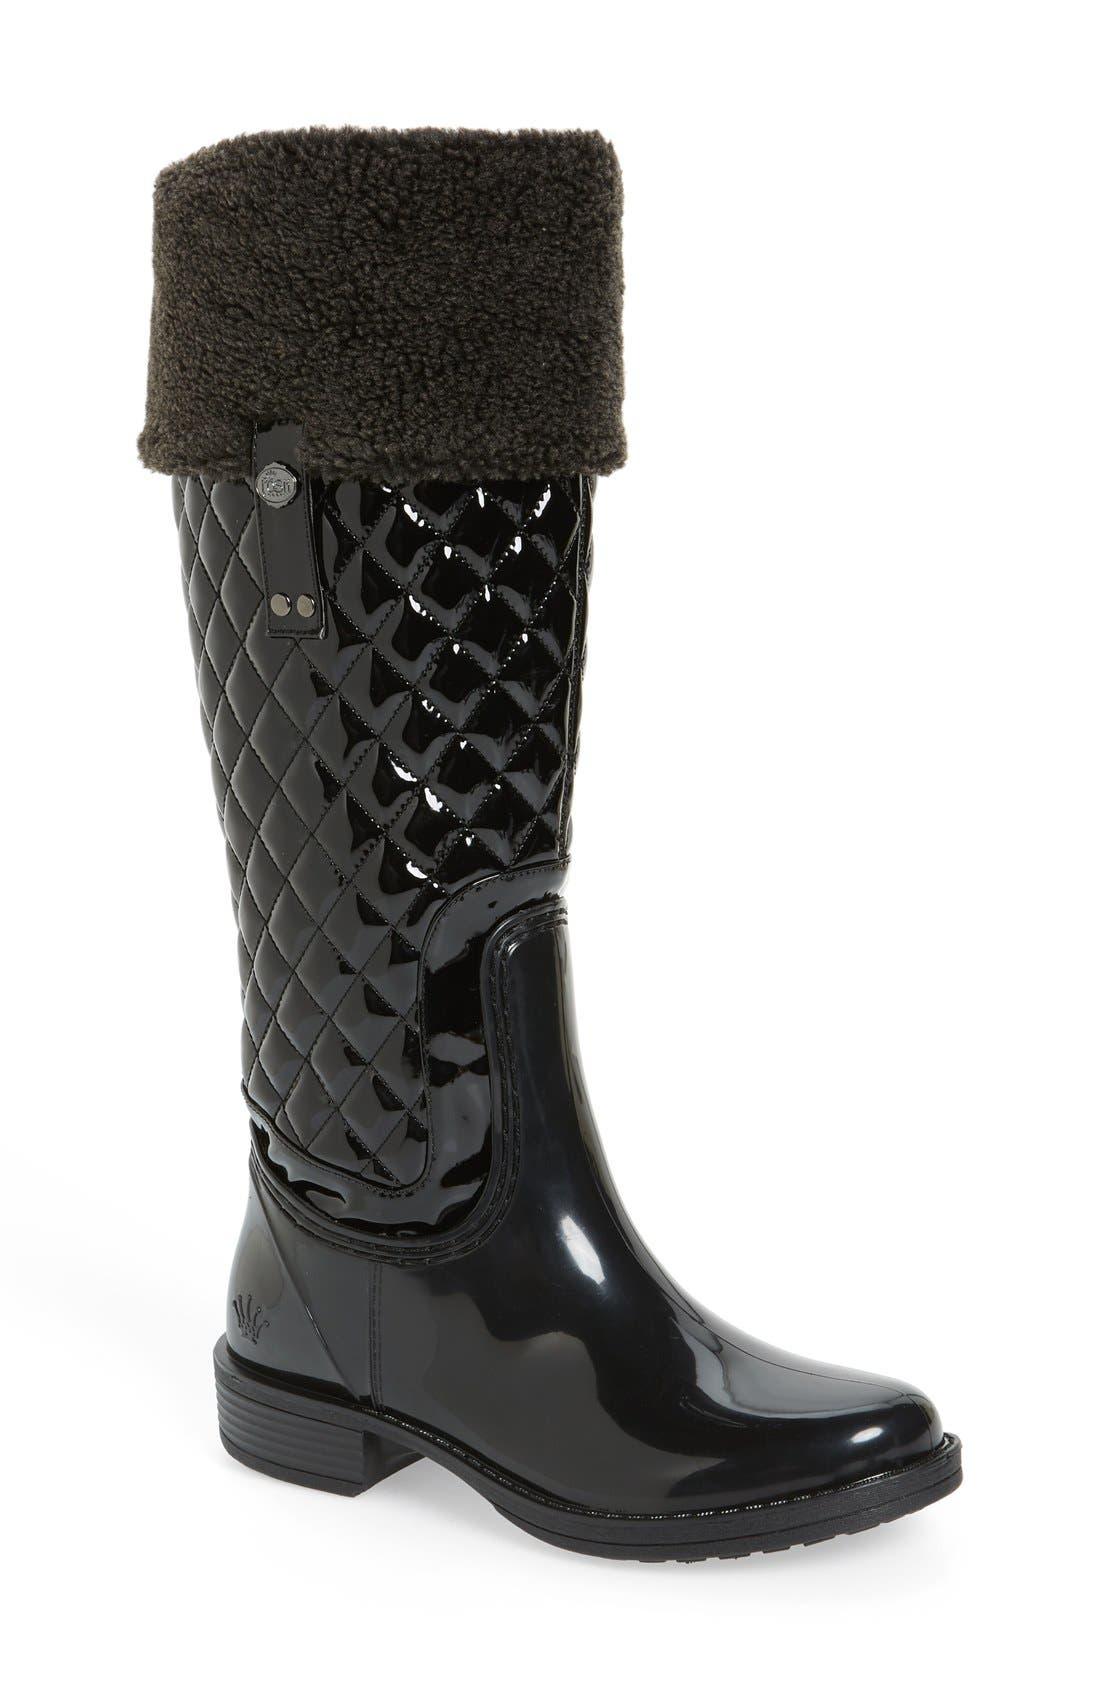 POSH WELLIES 'Kyanite' Rain Boot